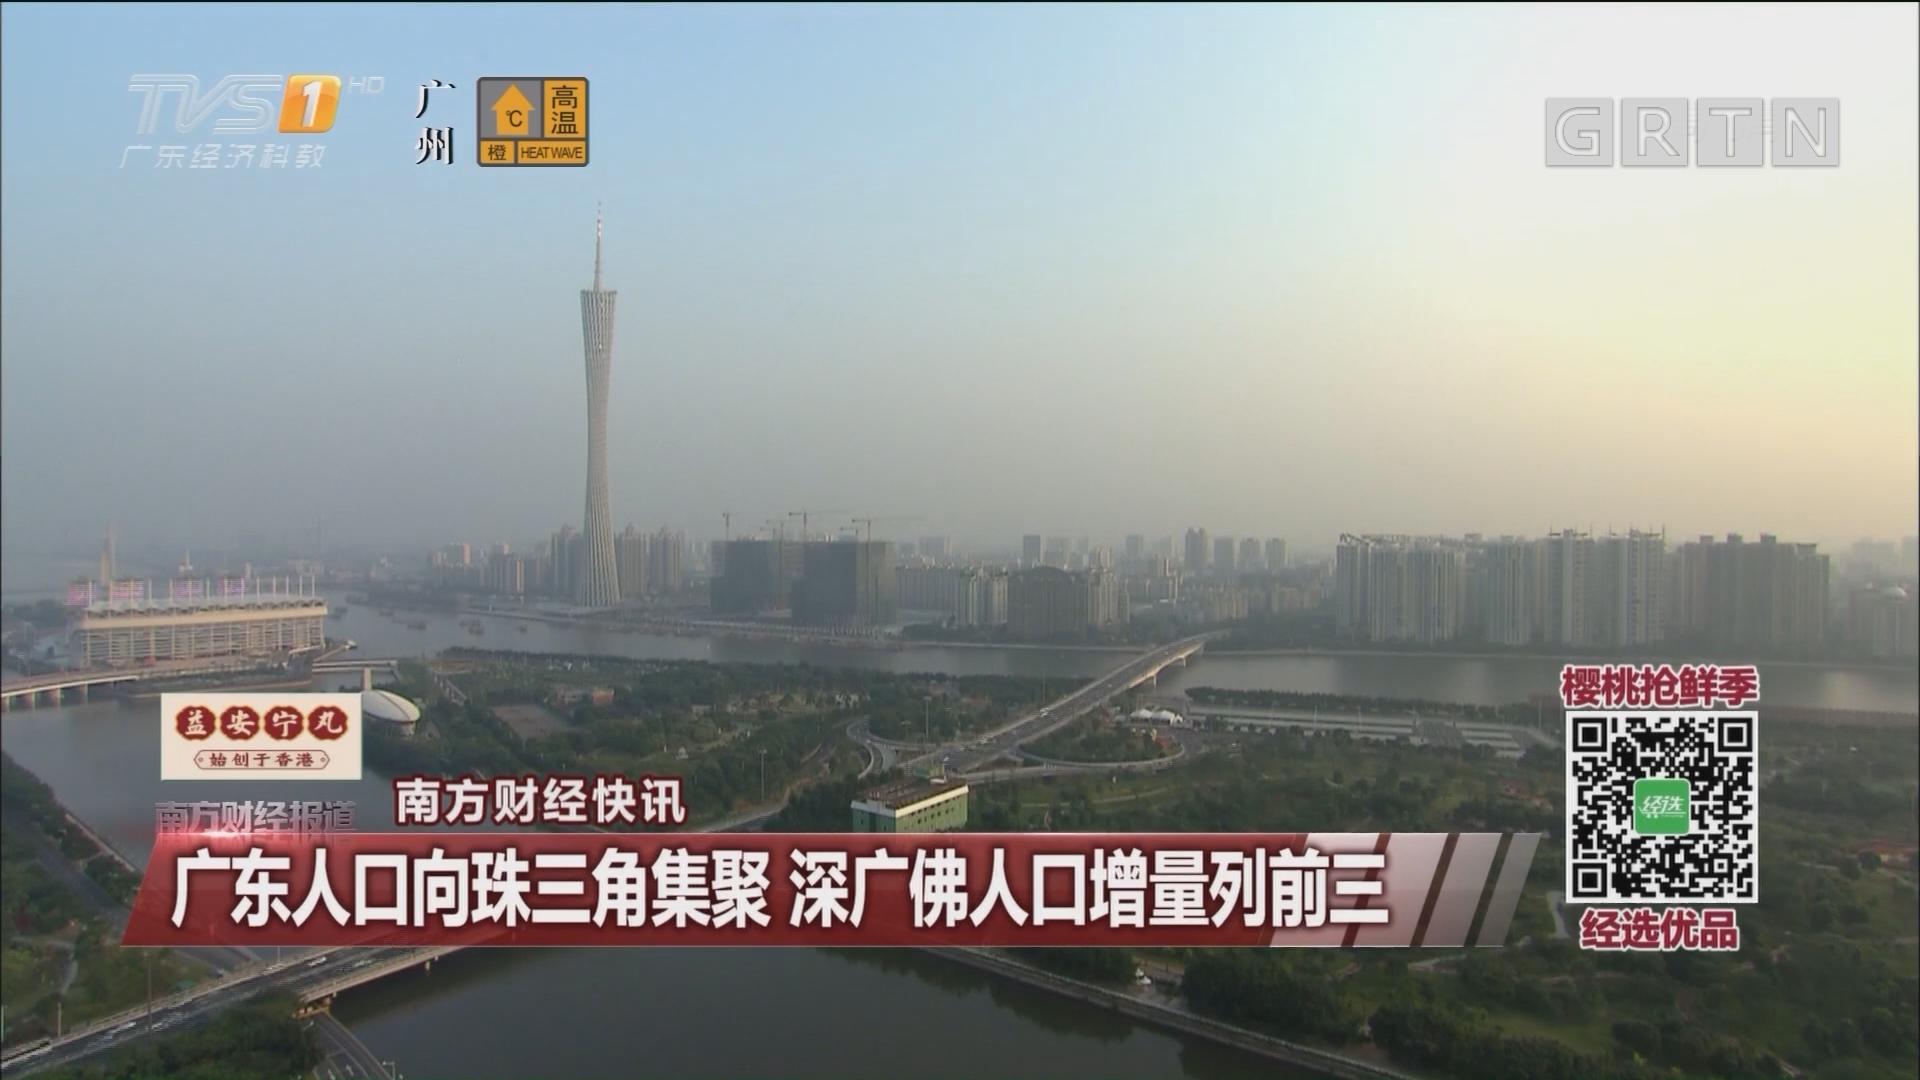 广东人口向珠三角集聚 深广佛人口增量列前三